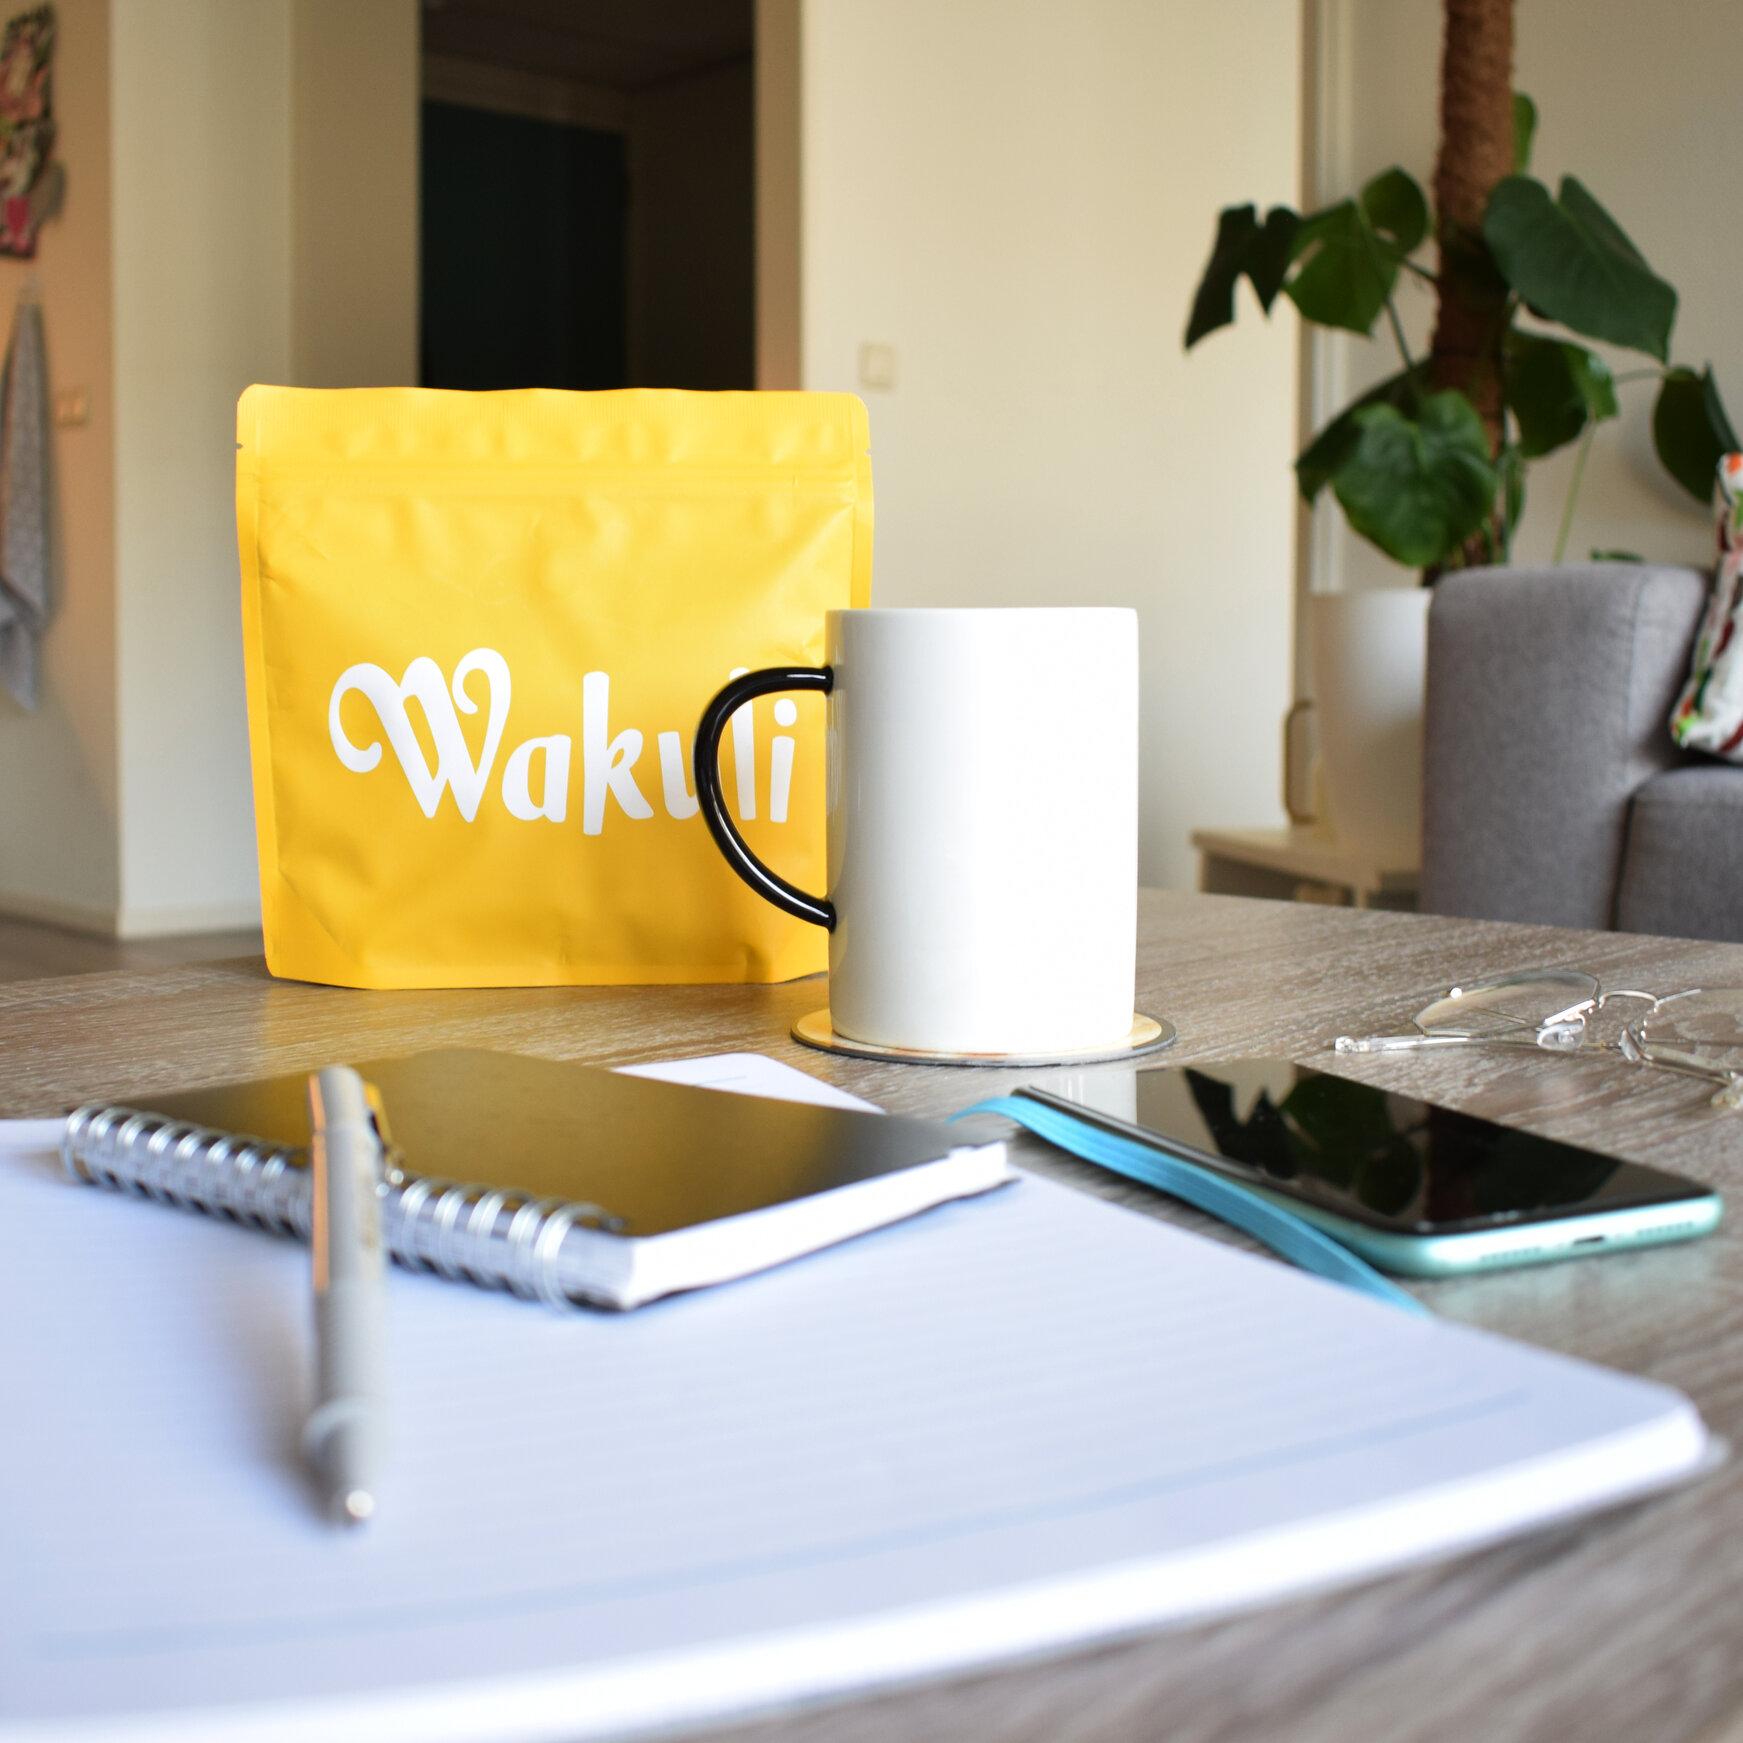 Thuiswerken met wakuli